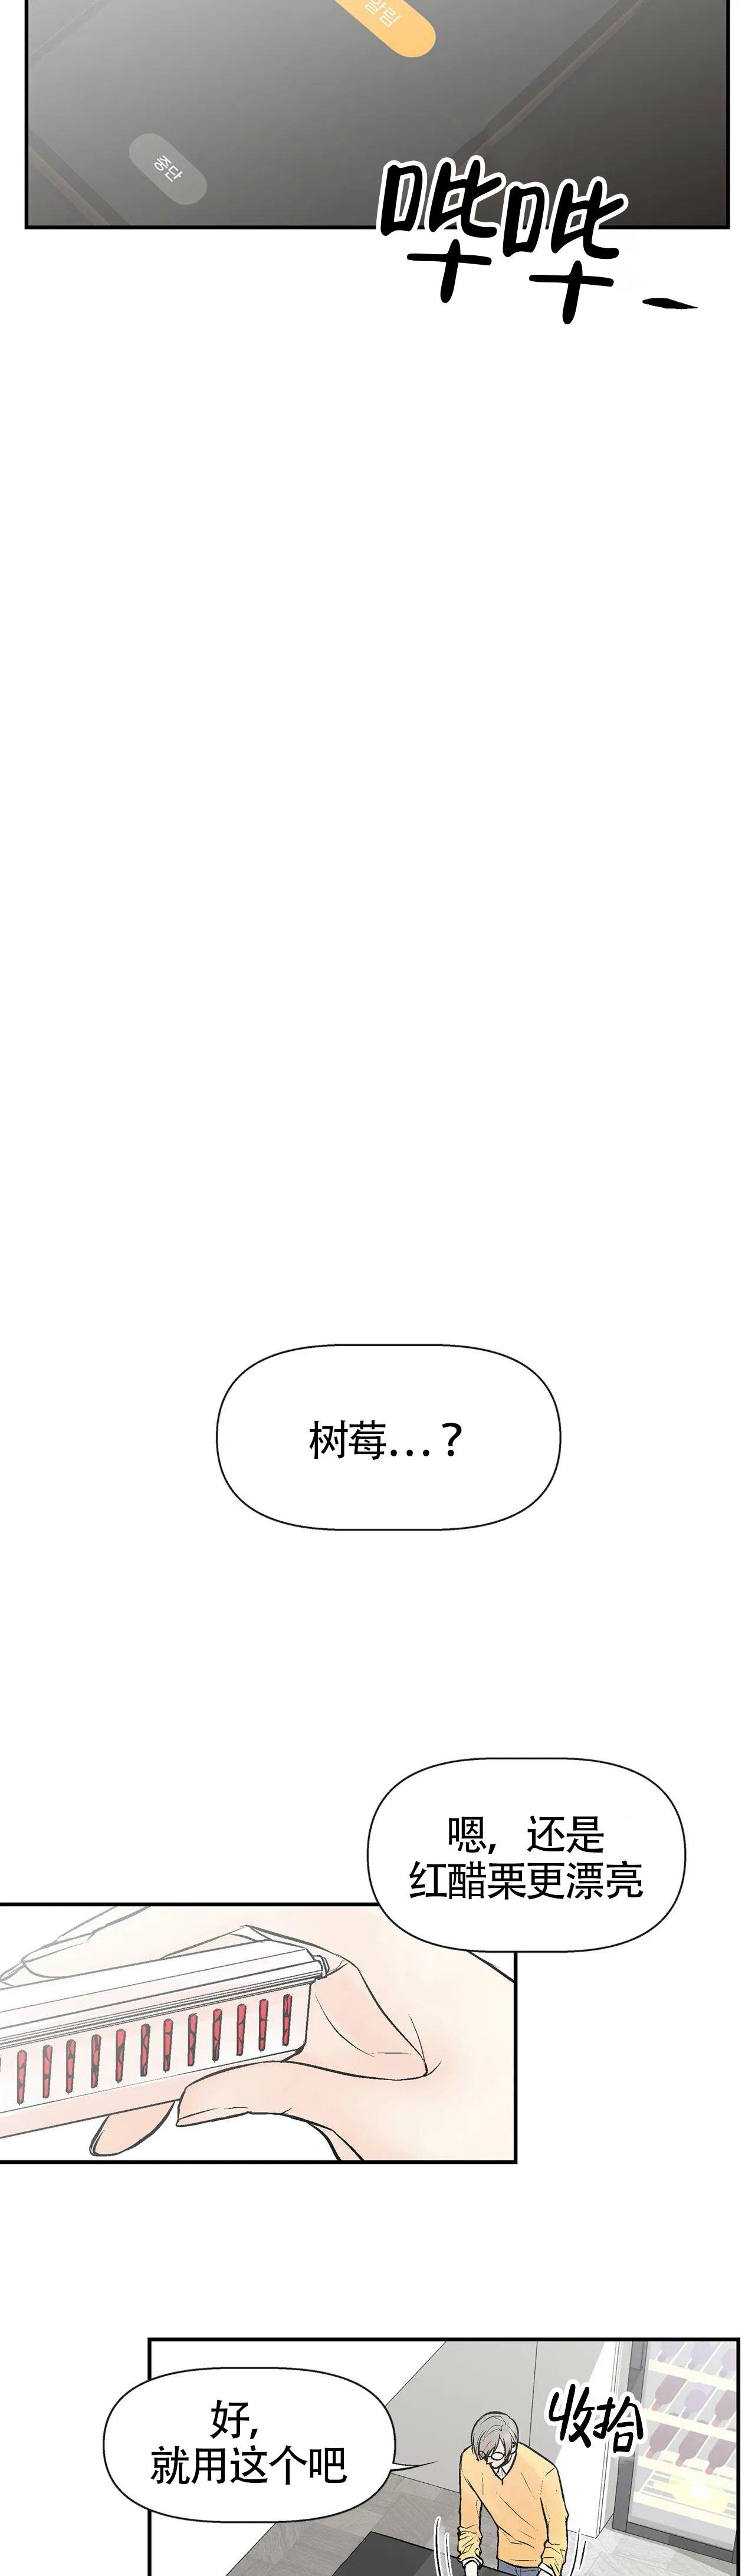 避风港-漫画完整版连载汉化 全集在线阅读-啵乐漫画